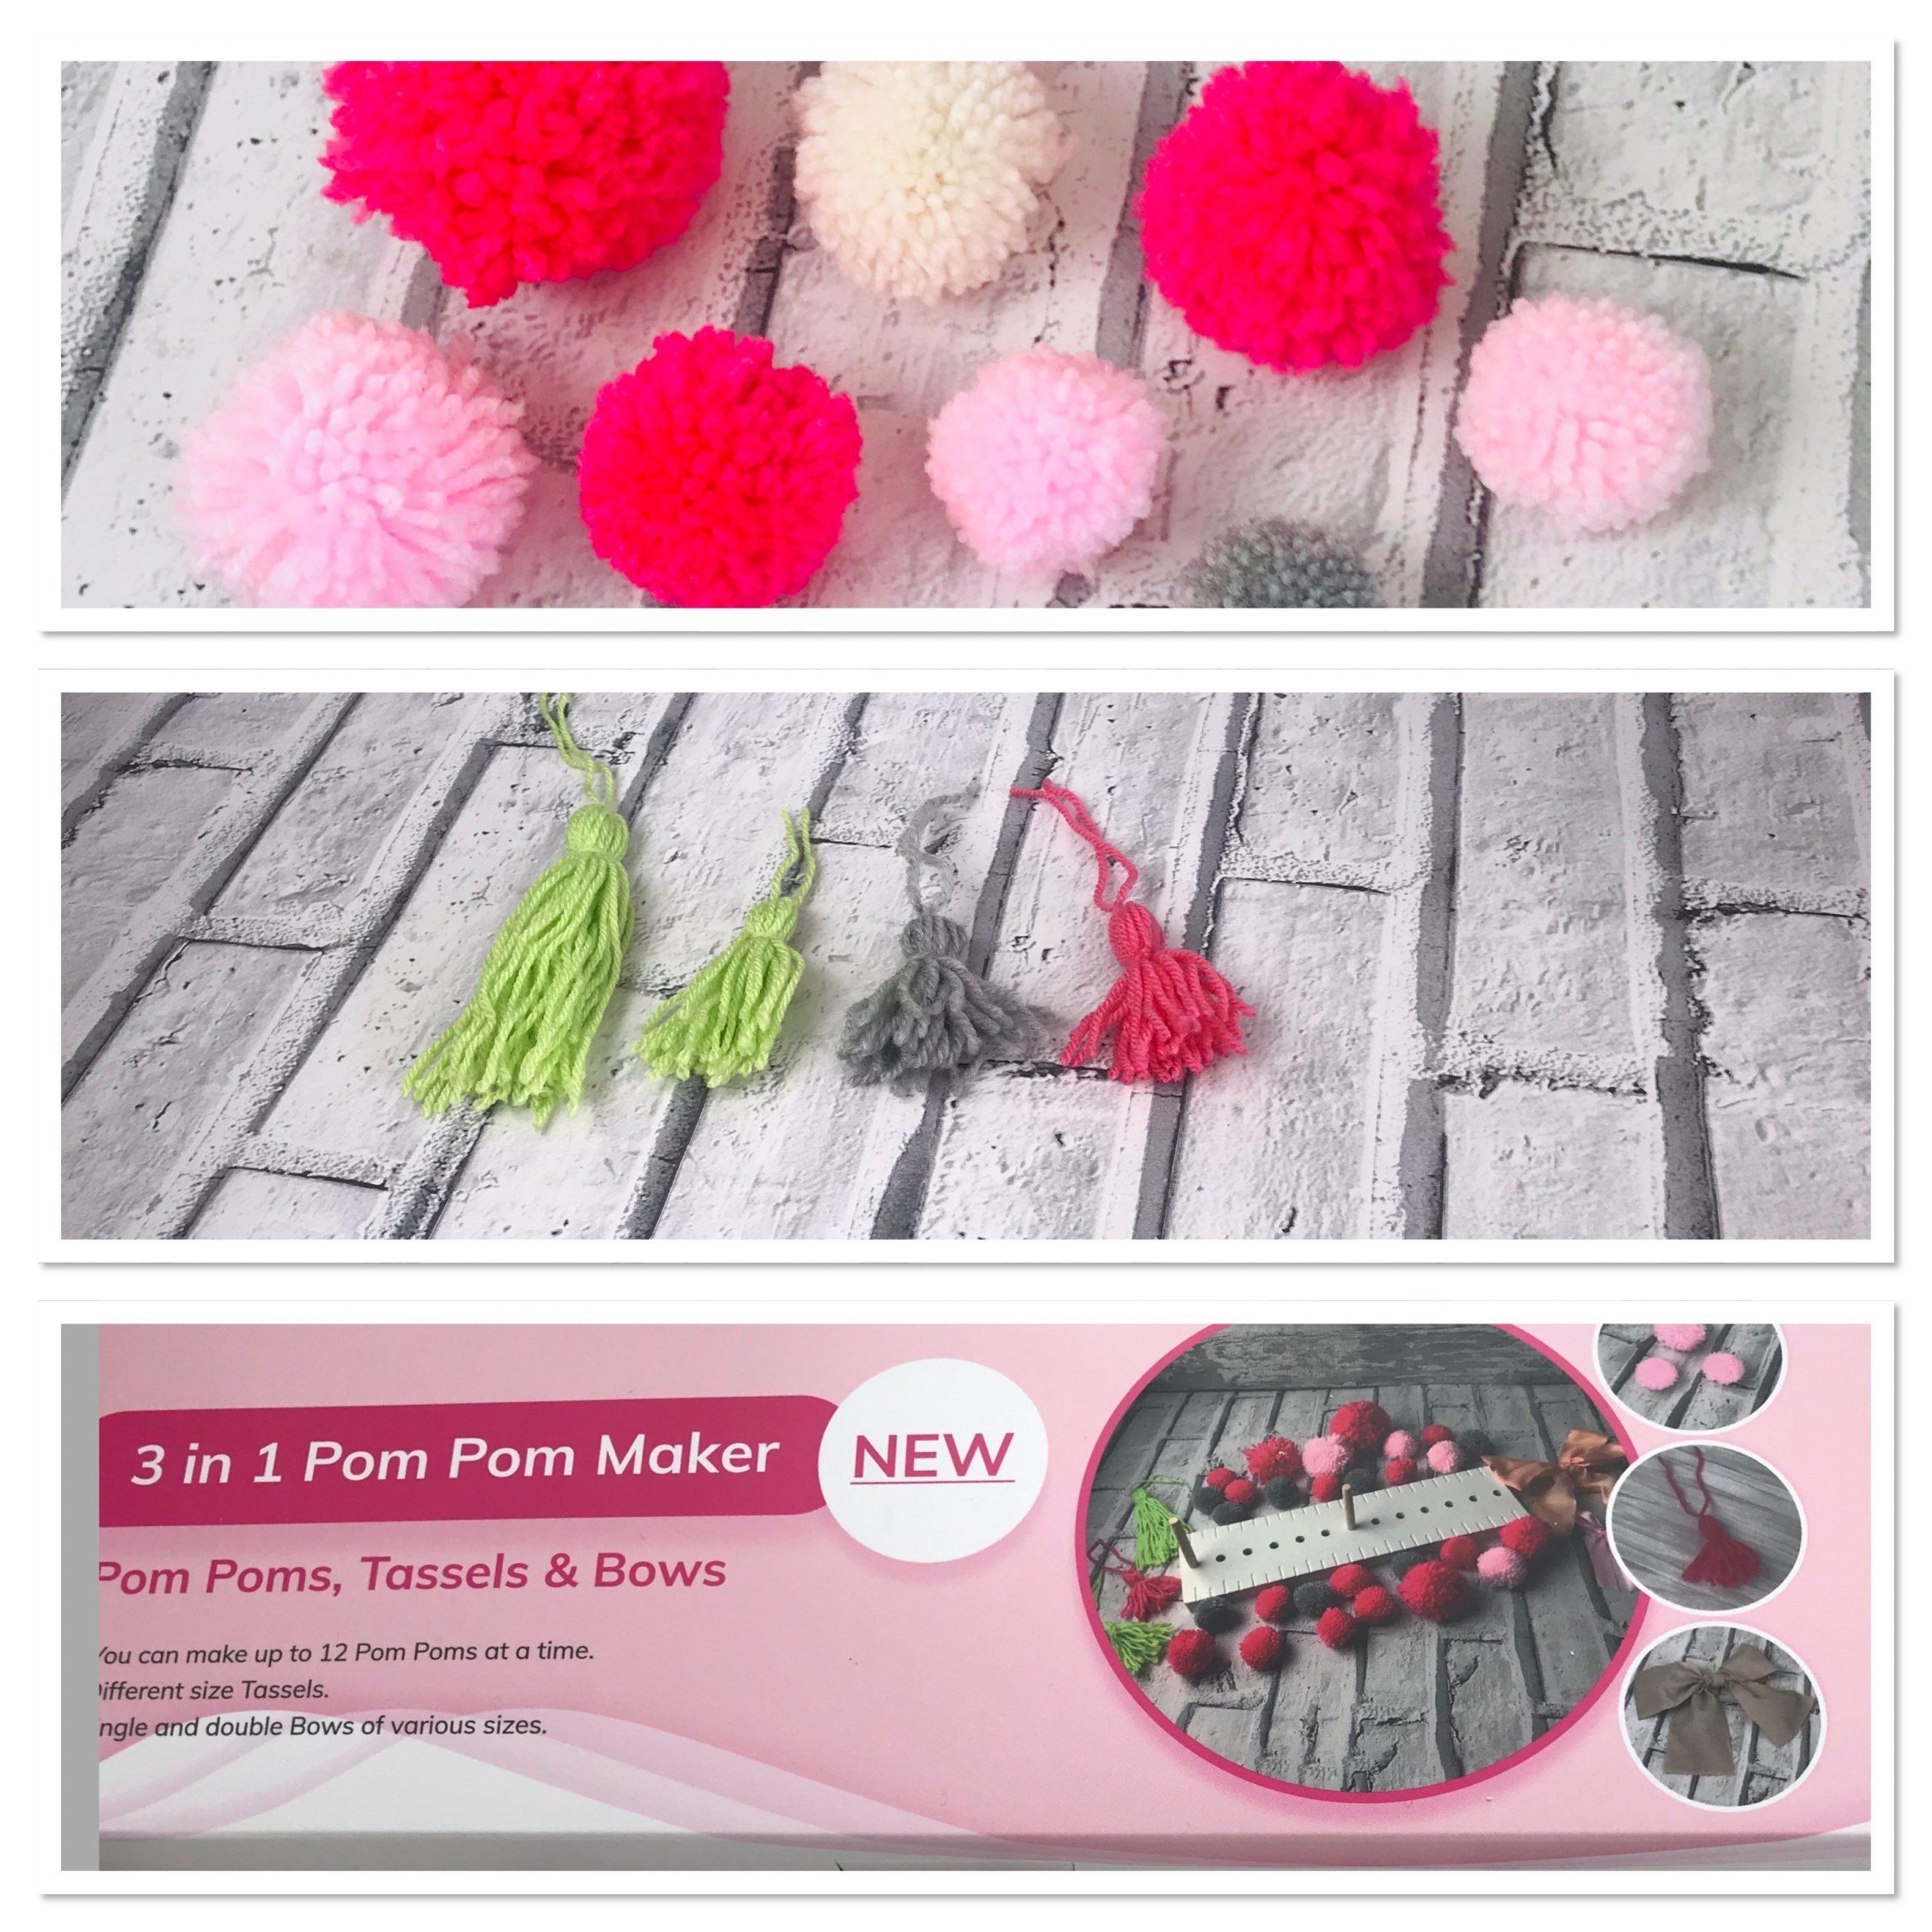 Pom Pom Maker 3 in 1 - New Product